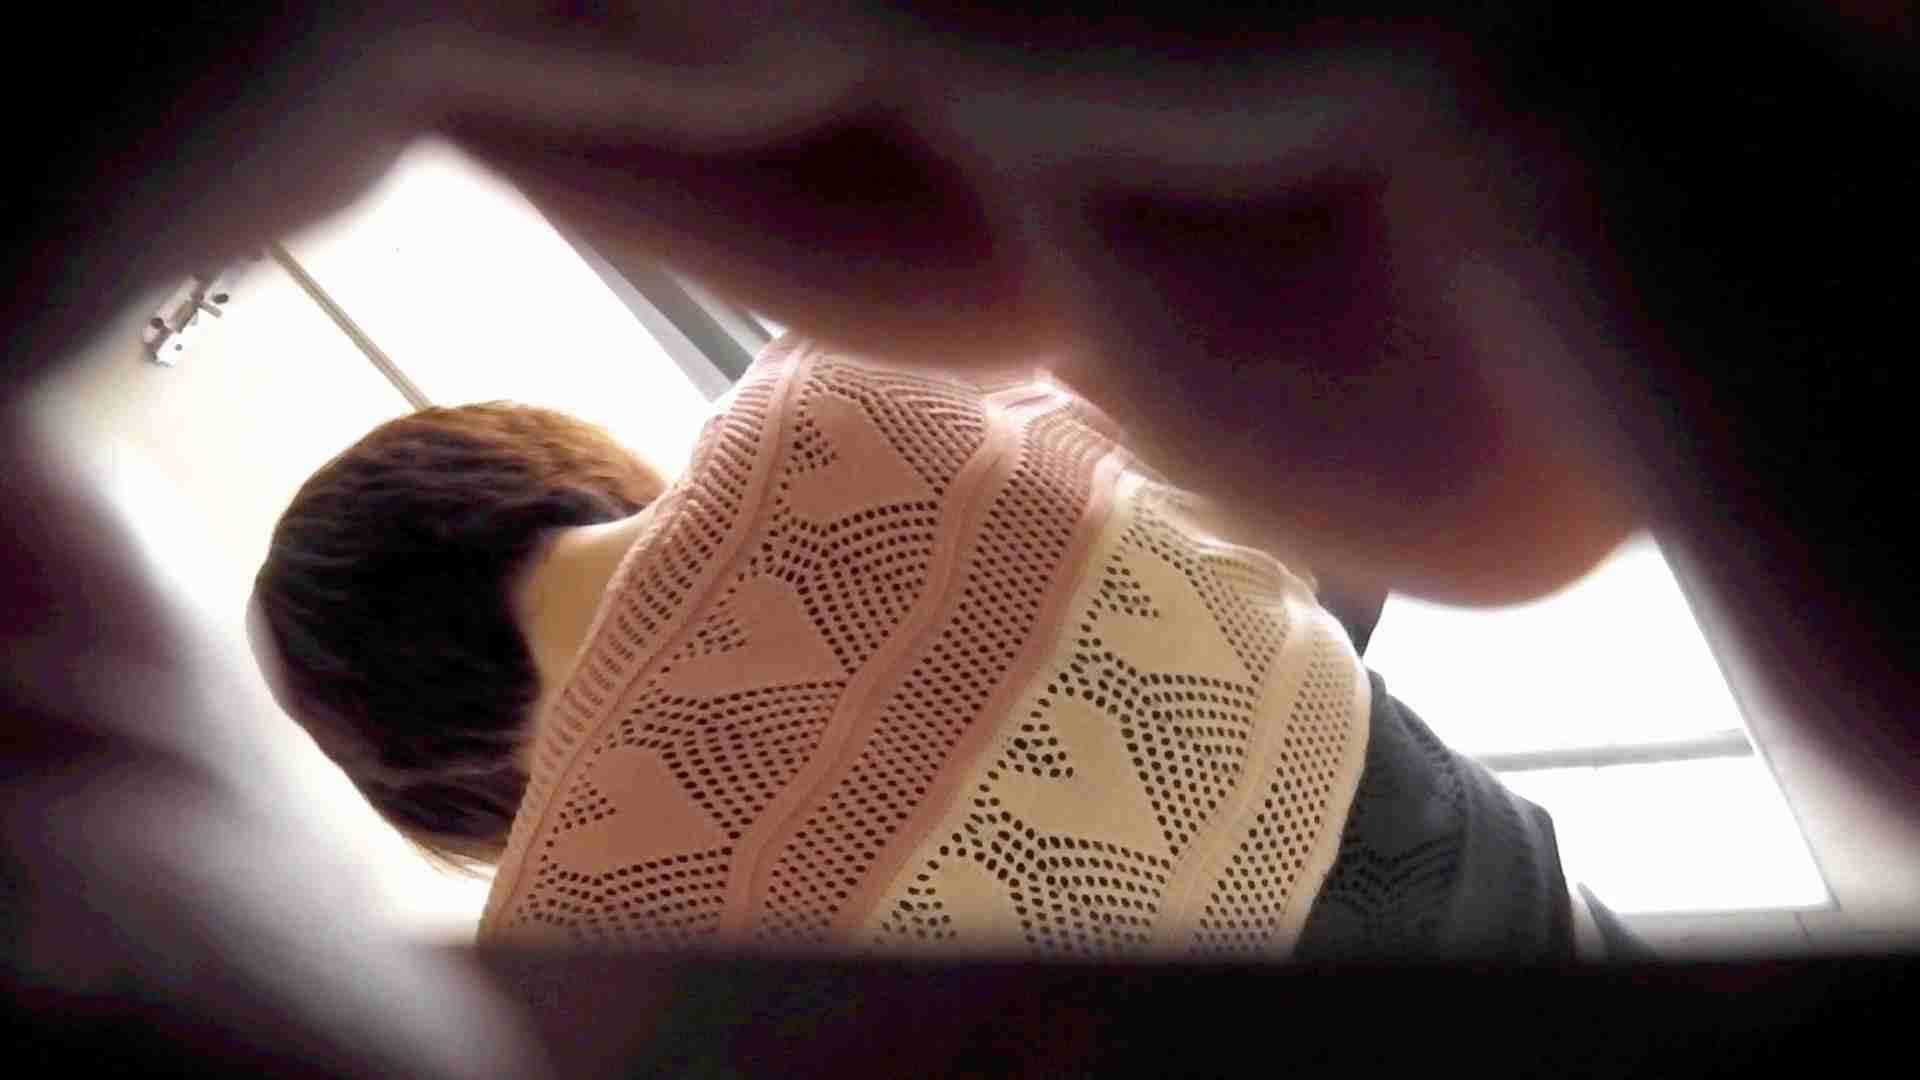 ステーション編 vol.28 無料動画に登場したモデルつい本番登場!! 丸見え おめこ無修正画像 99枚 21